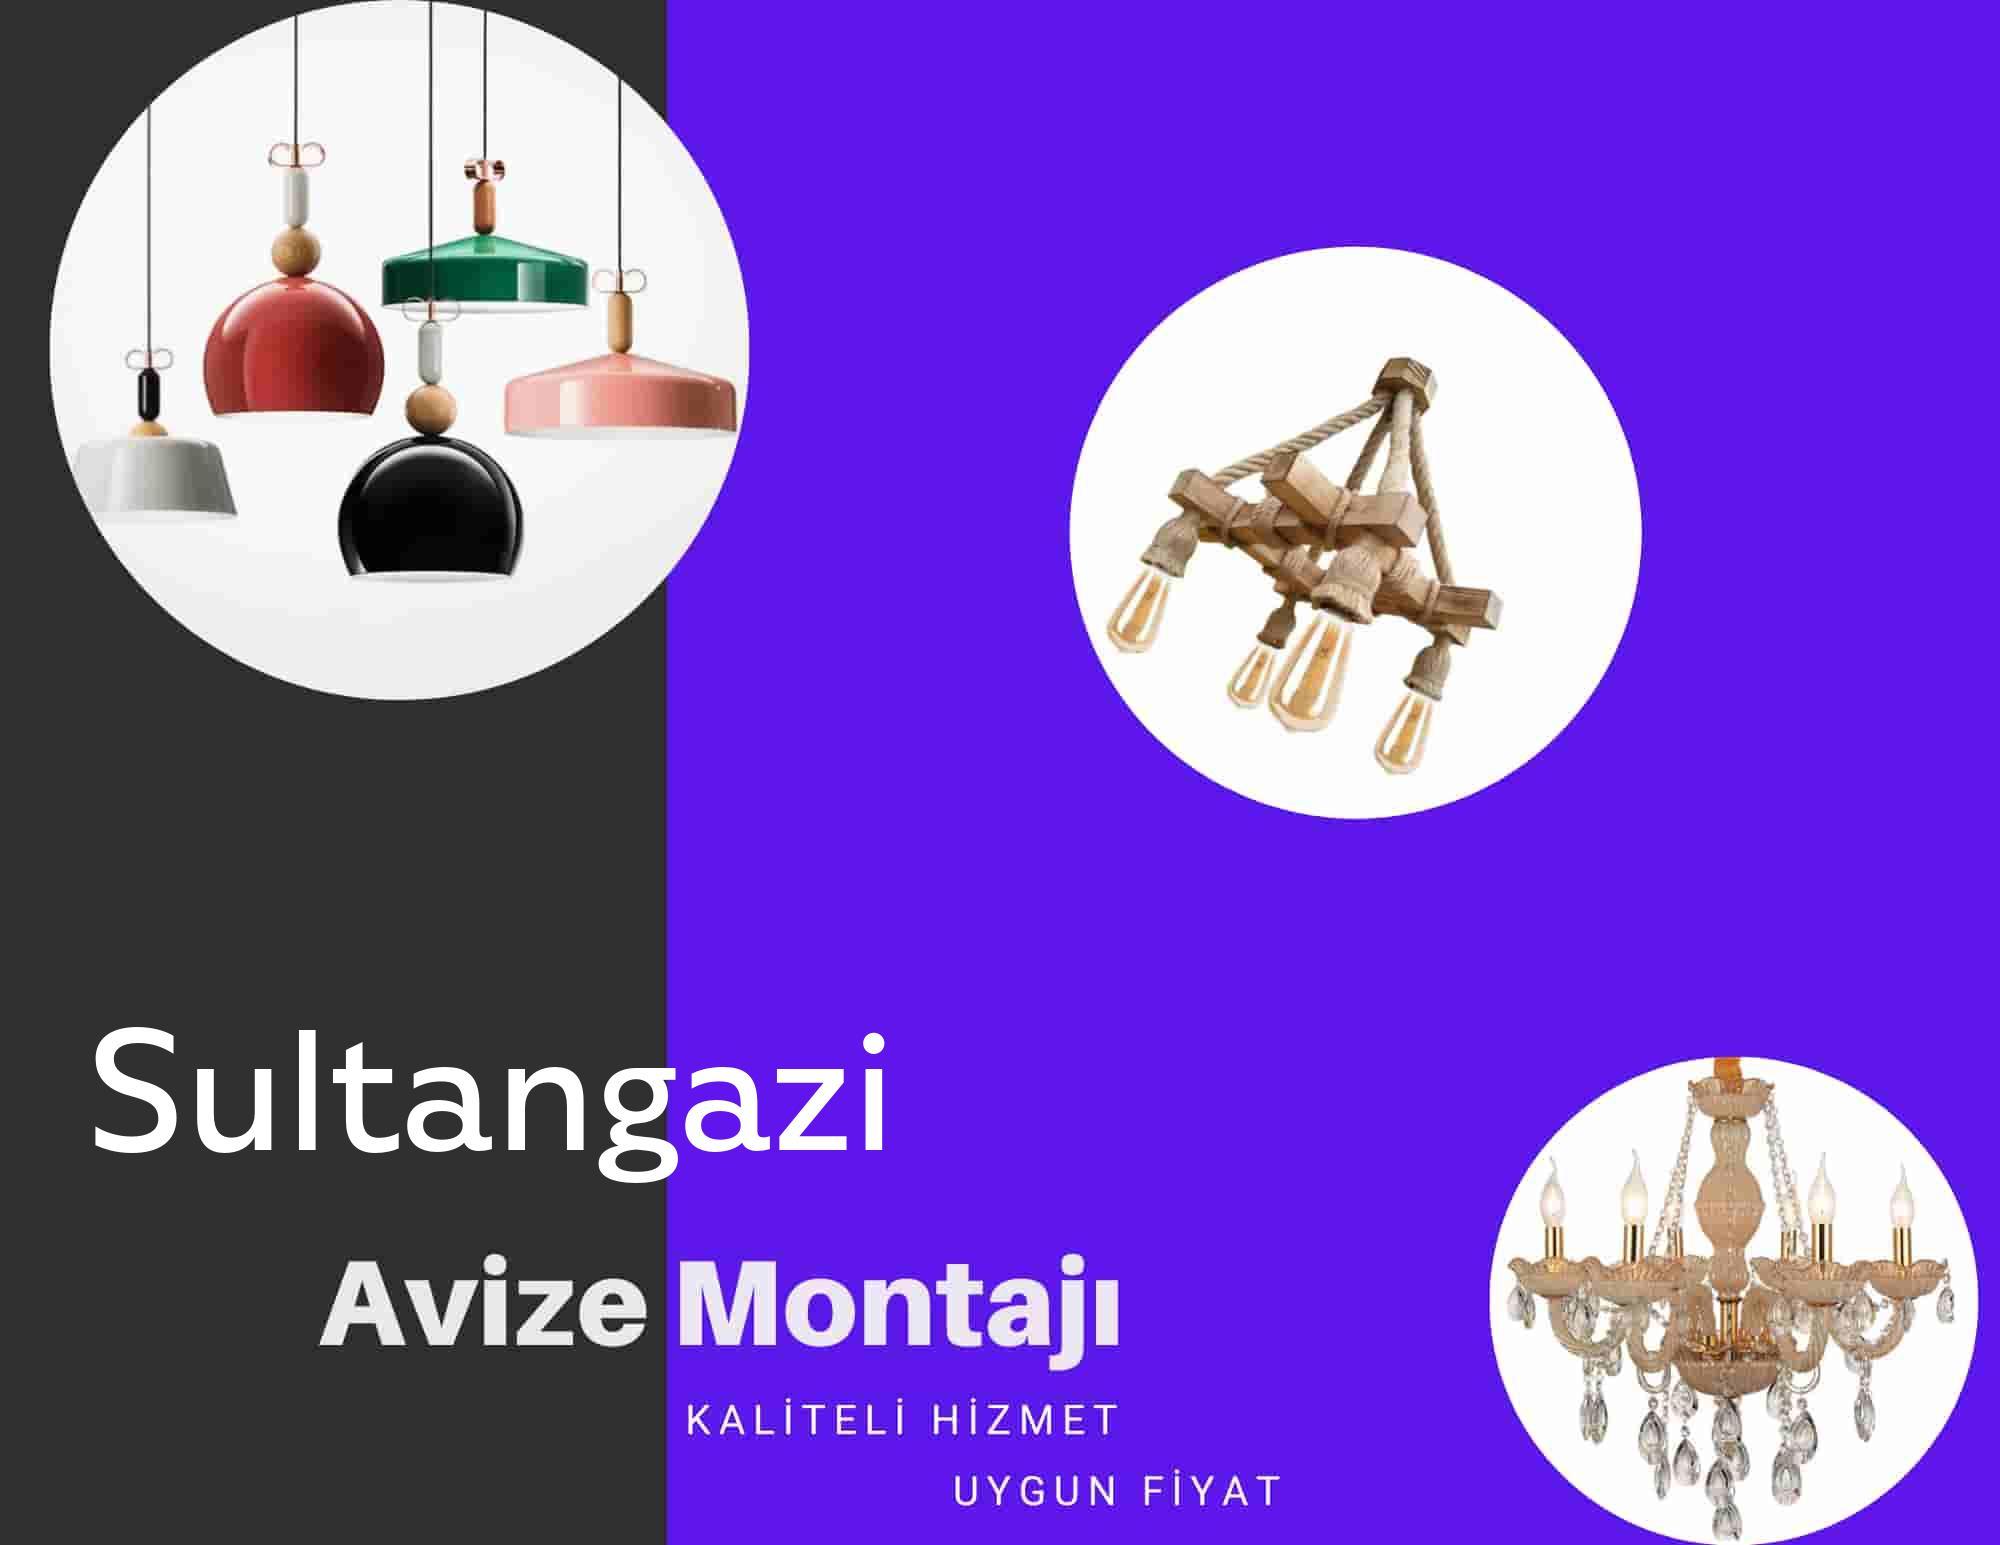 Sultangazide avize montajı yapan yerler arıyorsanız elektrikcicagir anında size profesyonel avize montajı ustasını yönlendirir.